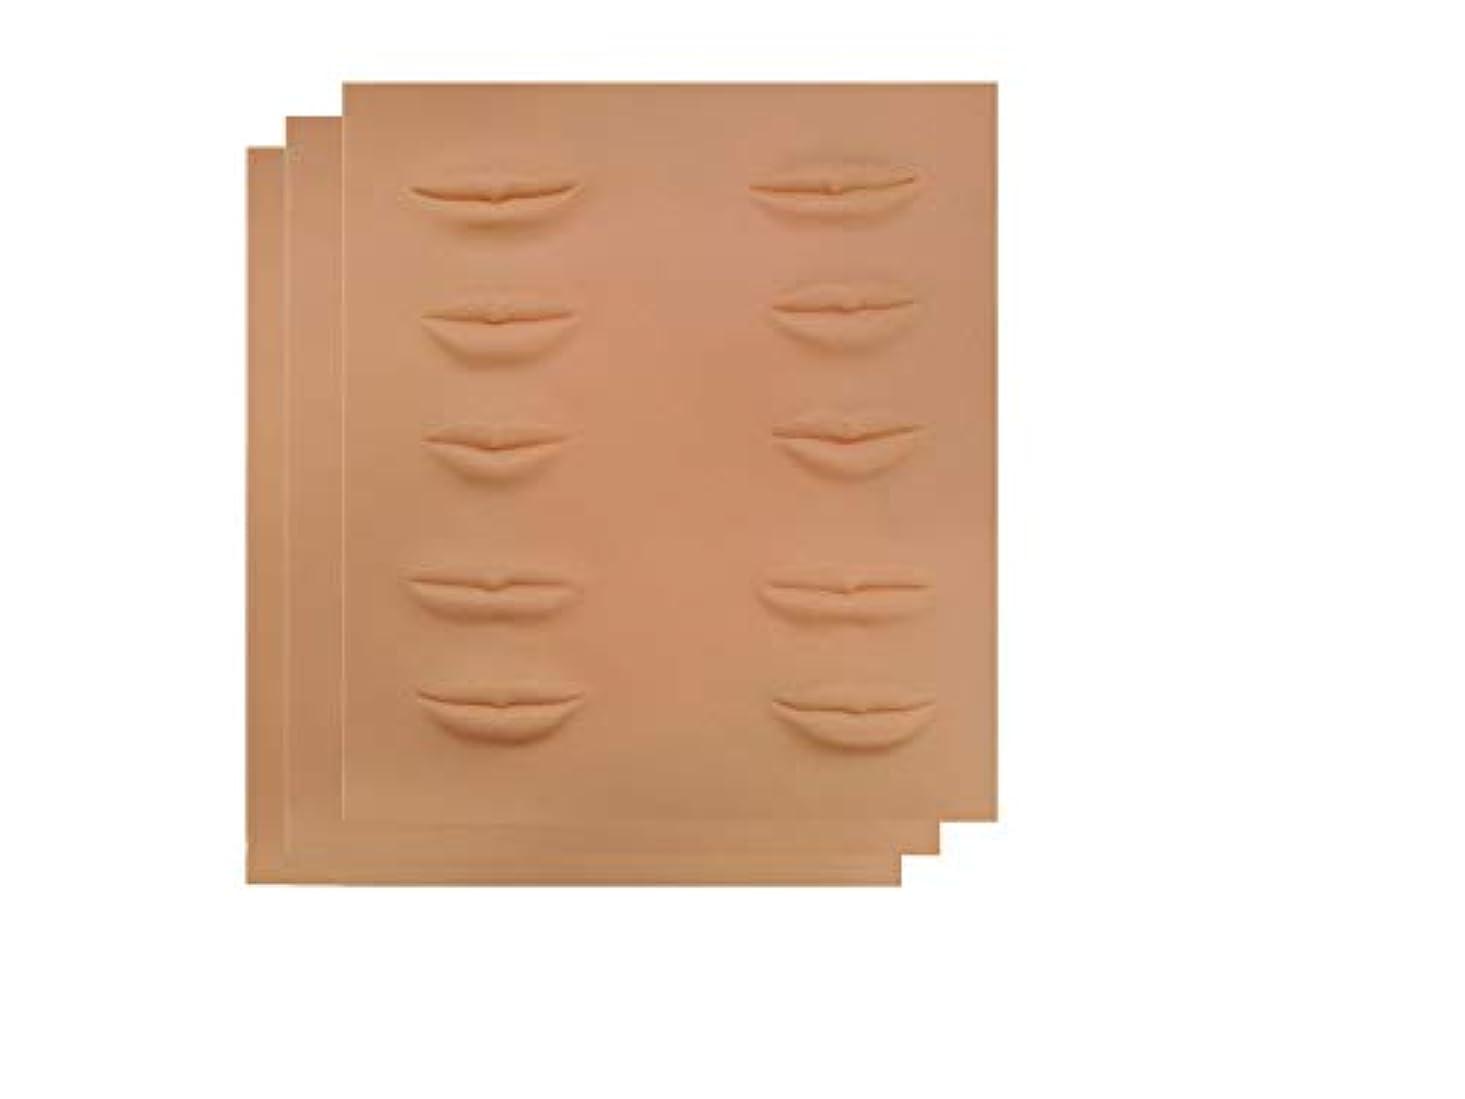 マルコポーロようこそ非アクティブアートメイク 入墨 タトゥ メイク 練習 シートマット リップタトゥー 練習ゴムシートアートメイク材料 リップ (1枚~10枚) (3枚)